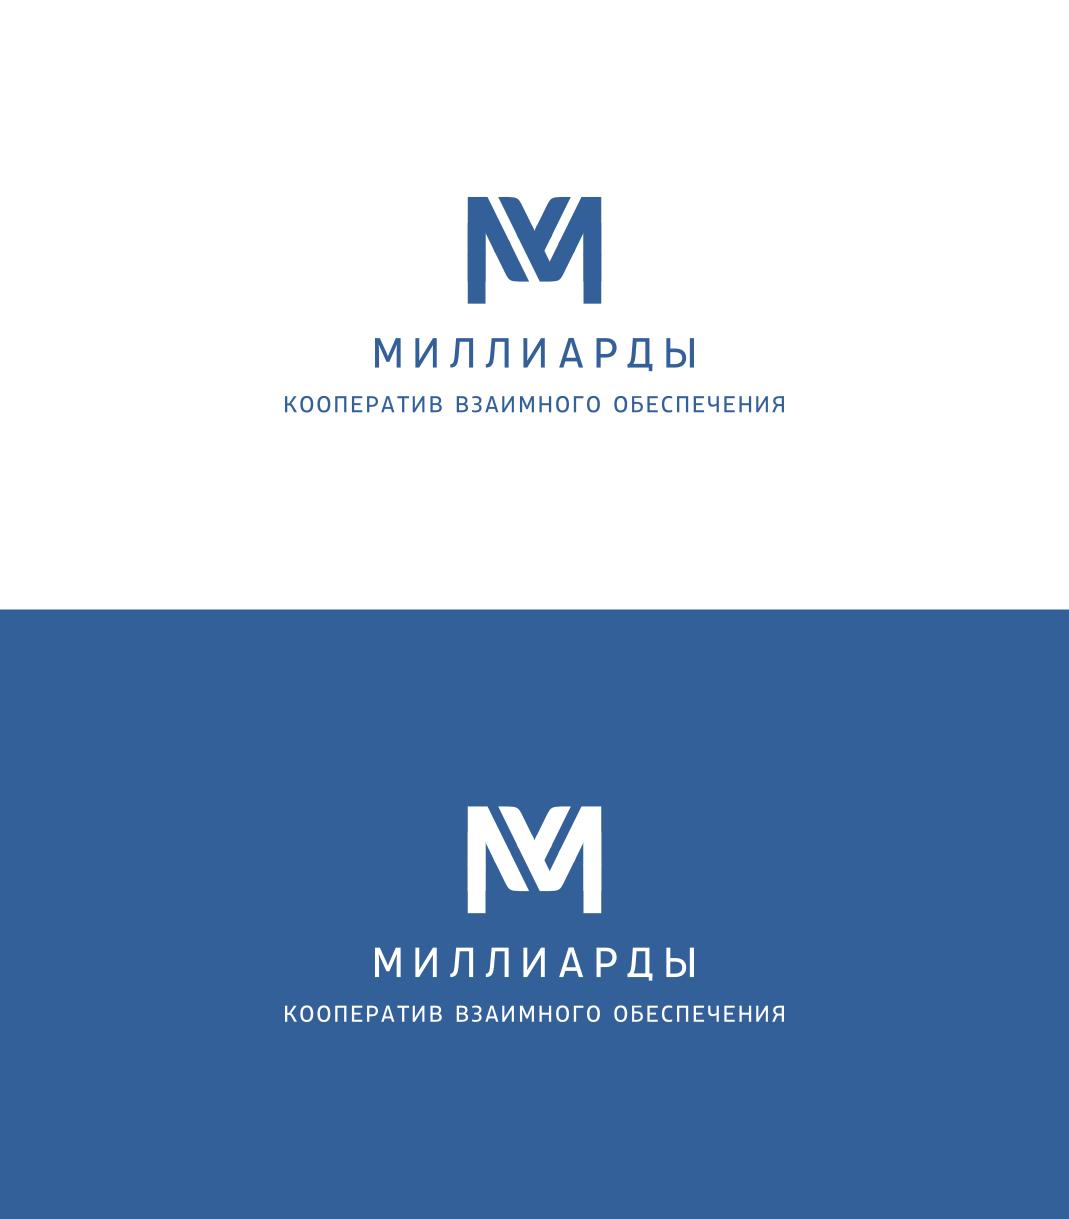 Создание логотипа фото f_0915e419679579fe.png